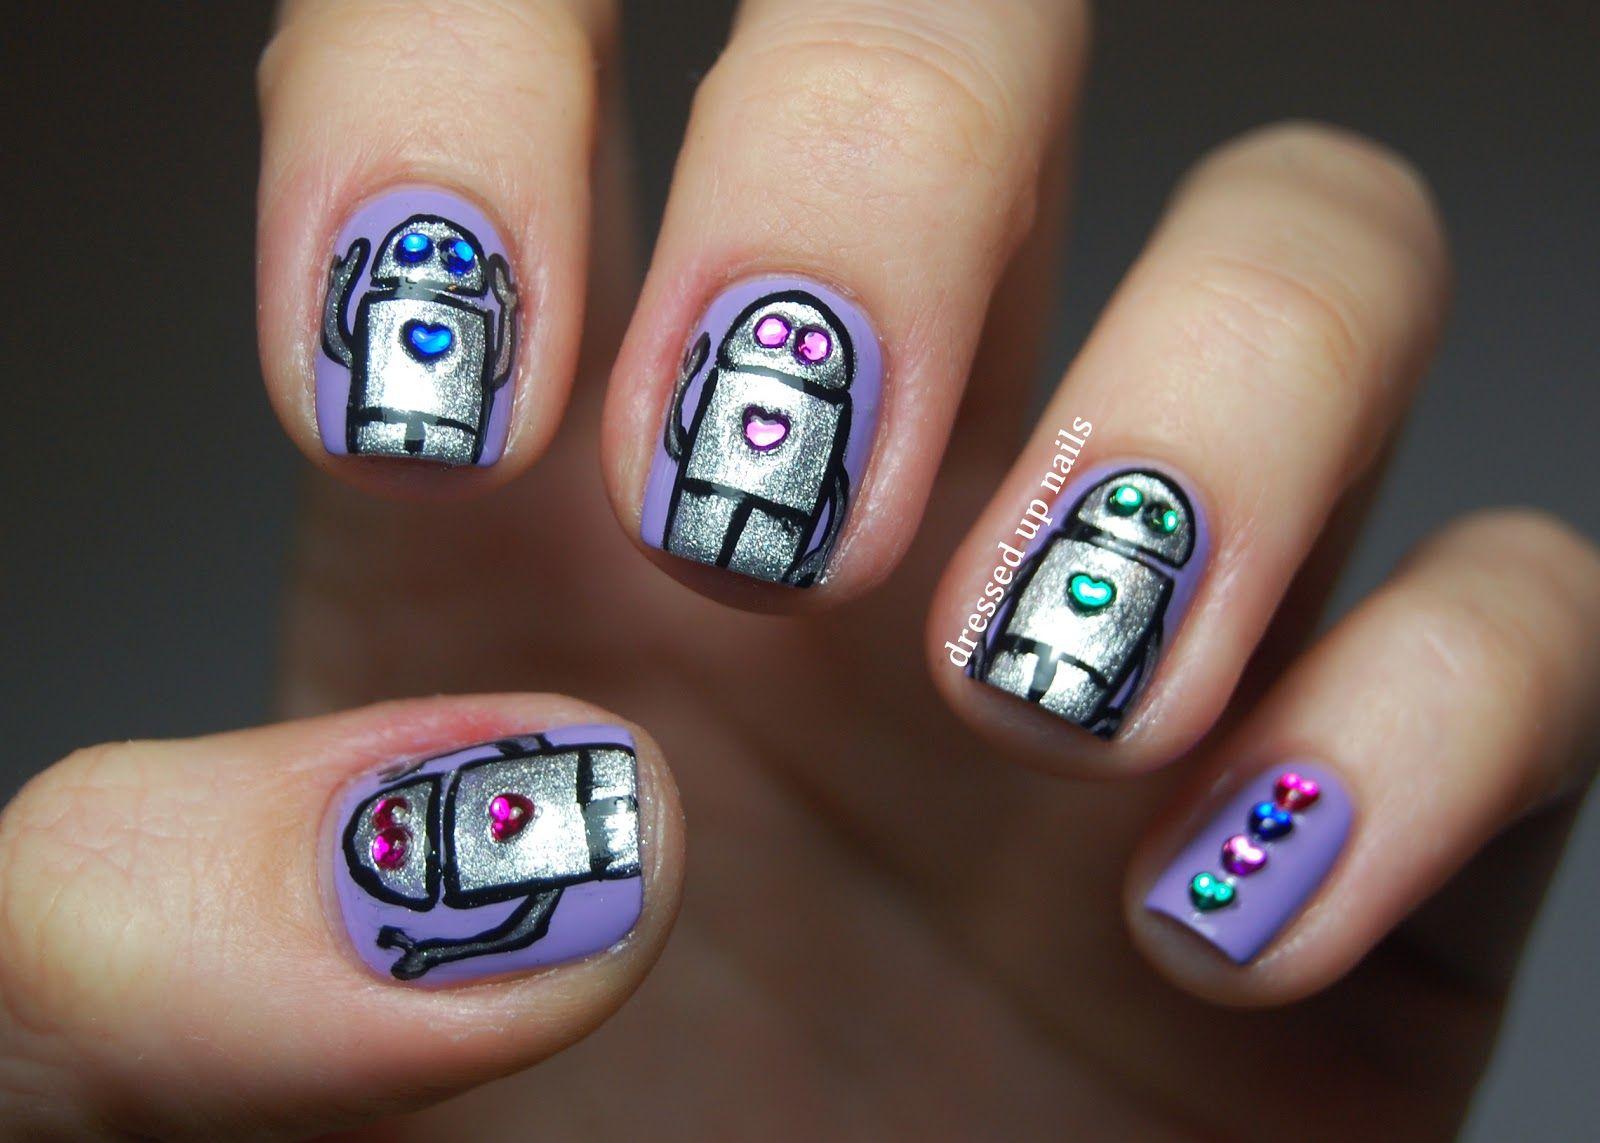 Dressed Up Nails - robot and rhinestone nail art | Nail Inspiration ...